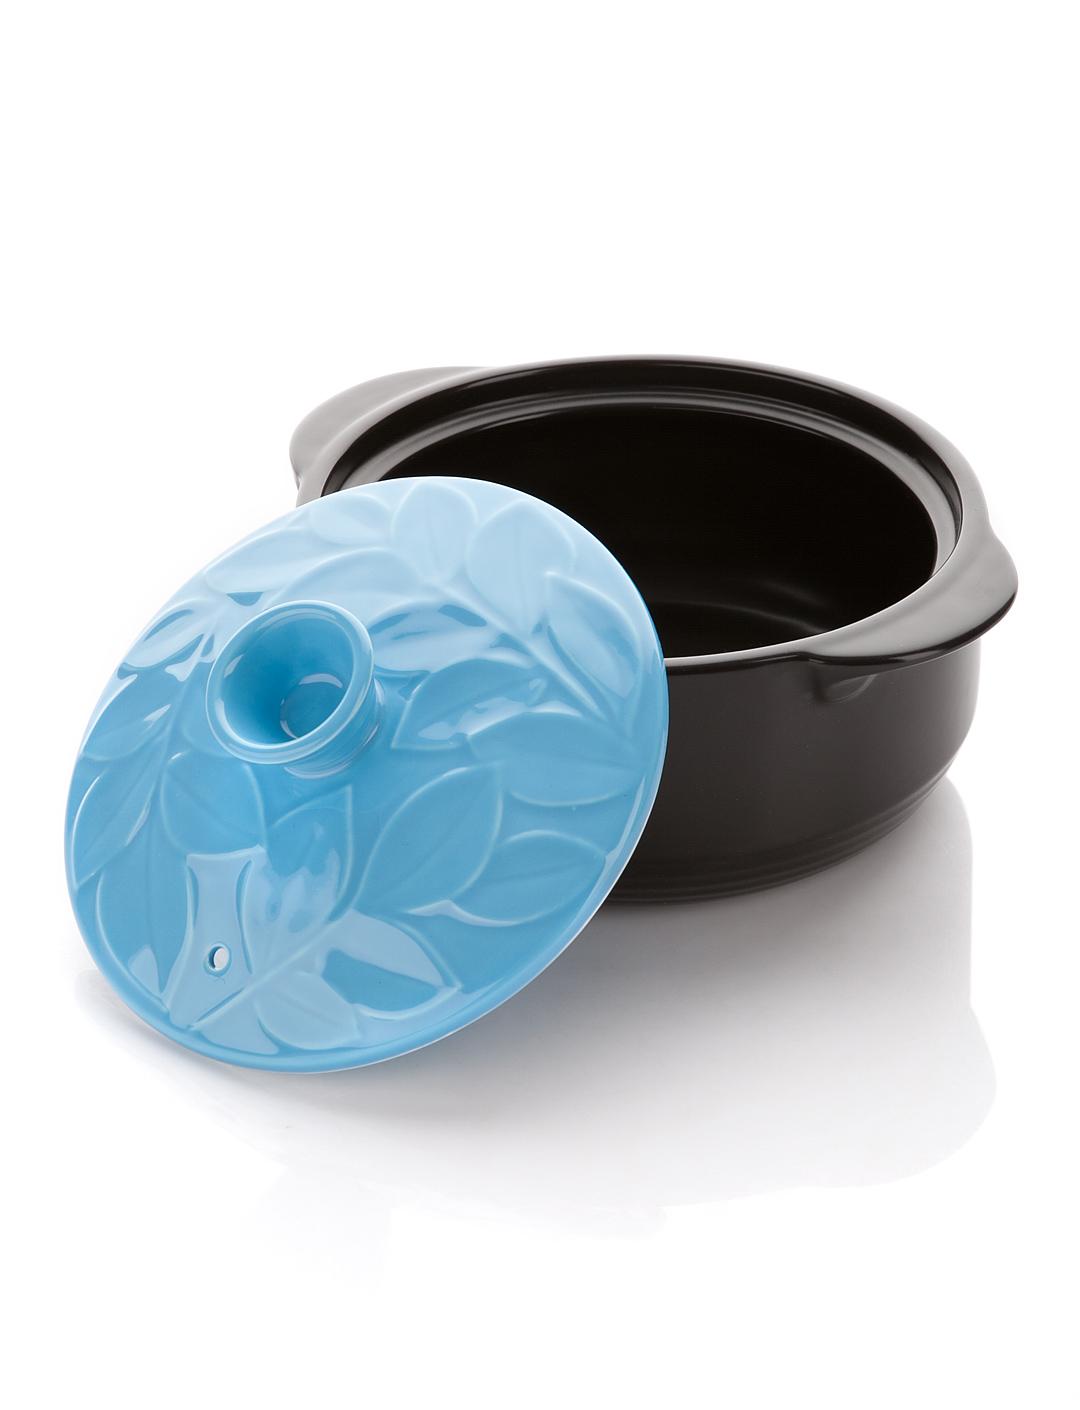 Кастрюля керамическая Hans & Gretchen с крышкой, цвет: голубой, 1,6 л12NF-B18Кастрюля Hans & Gretchen изготовлена из экологически чистой жаропрочной керамики. Керамическая крышка кастрюли оснащена отверстием для выпуска пара. Кастрюля равномерно нагревает блюдо, долго сохраняя тепло и не выделяя абсолютно никаких примесей в пищу. Кастрюля не искажает, а даже усиливает вкус пищи. Крышка изделия оформлена рельефным изображением листьев. Превосходно служит для замораживания продуктов в холодильнике (до -20°С). Кастрюля устойчива к химическим и механическим воздействиям. Благодаря толстым стенкам изделие нагревается равномерно. Кастрюля Hans & Gretchen прекрасно подойдет для запекания и тушения овощей, мяса и других блюд, а оригинальный дизайн и яркое оформление украсят ваш стол. Можно мыть в посудомоечной машине. Кастрюля предназначена для использования на газовой и электрической плитах, в духовке и микроволновой печи. Не подходит для индукционных плит.